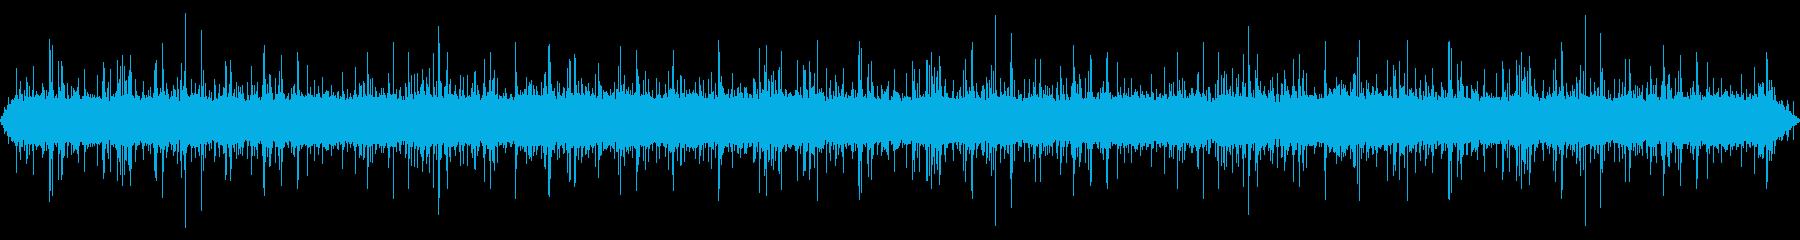 メタルシェッド:INT:メタルスト...の再生済みの波形